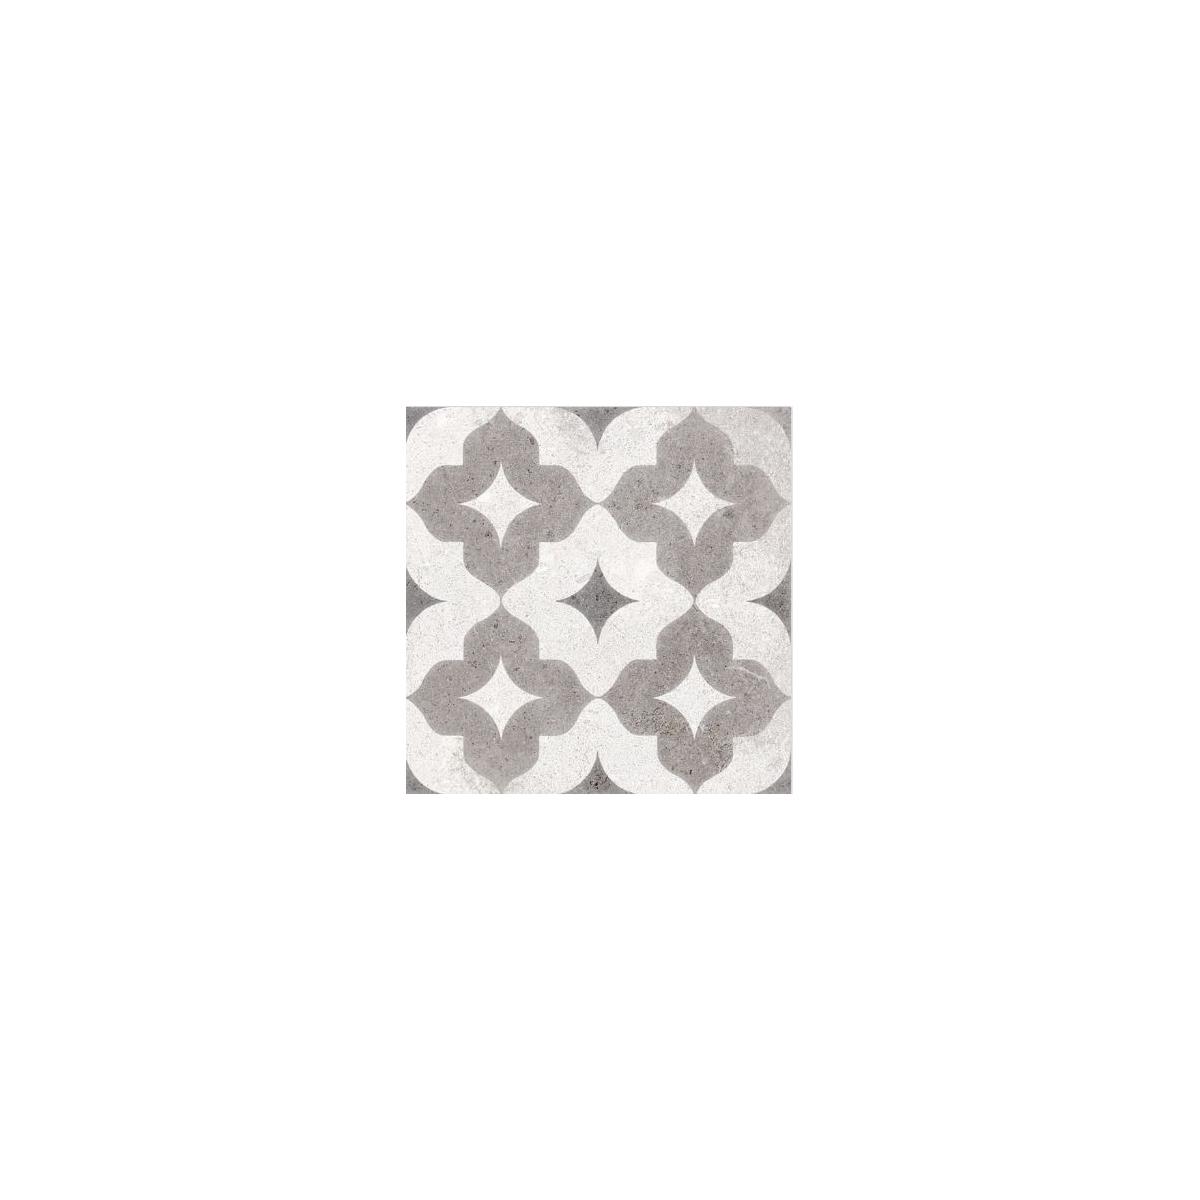 Pavimento hidráulico Berkane Multicolor 20x20 (m2) para interior y exterior